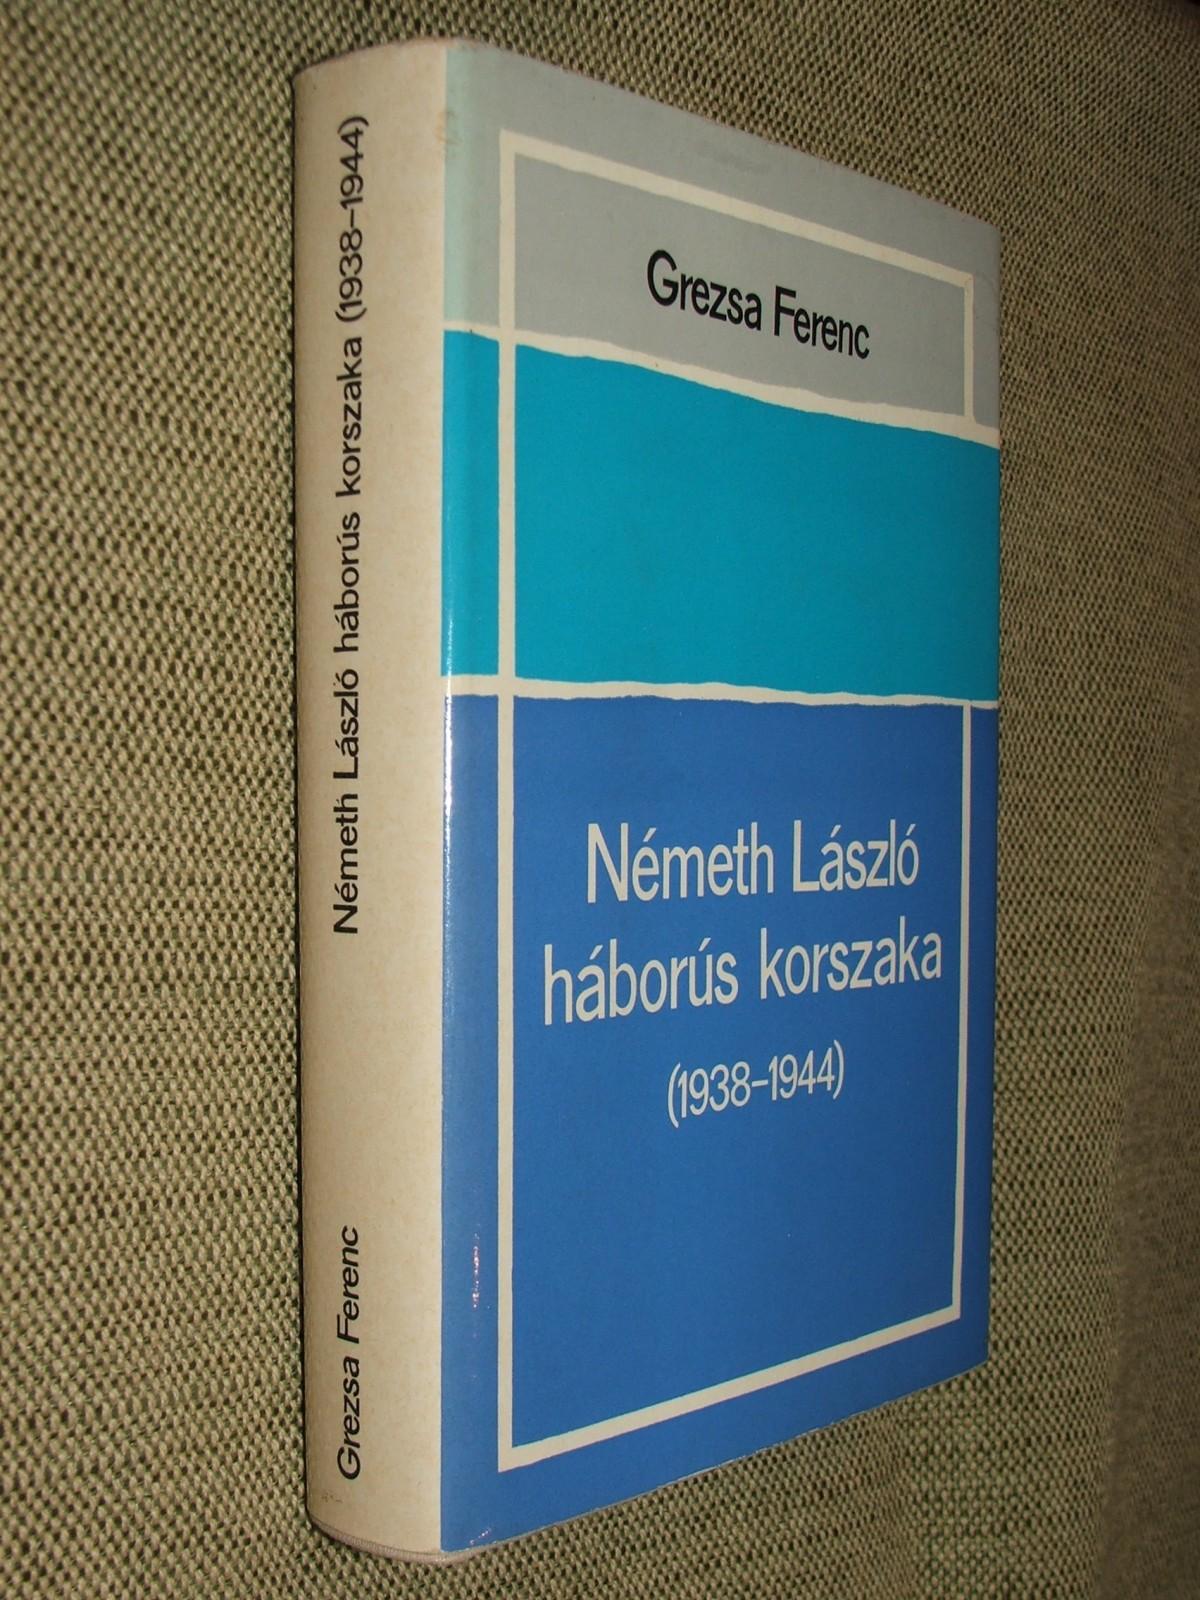 GREZSA Ferenc: Németh László háborús korszaka 1938-1944